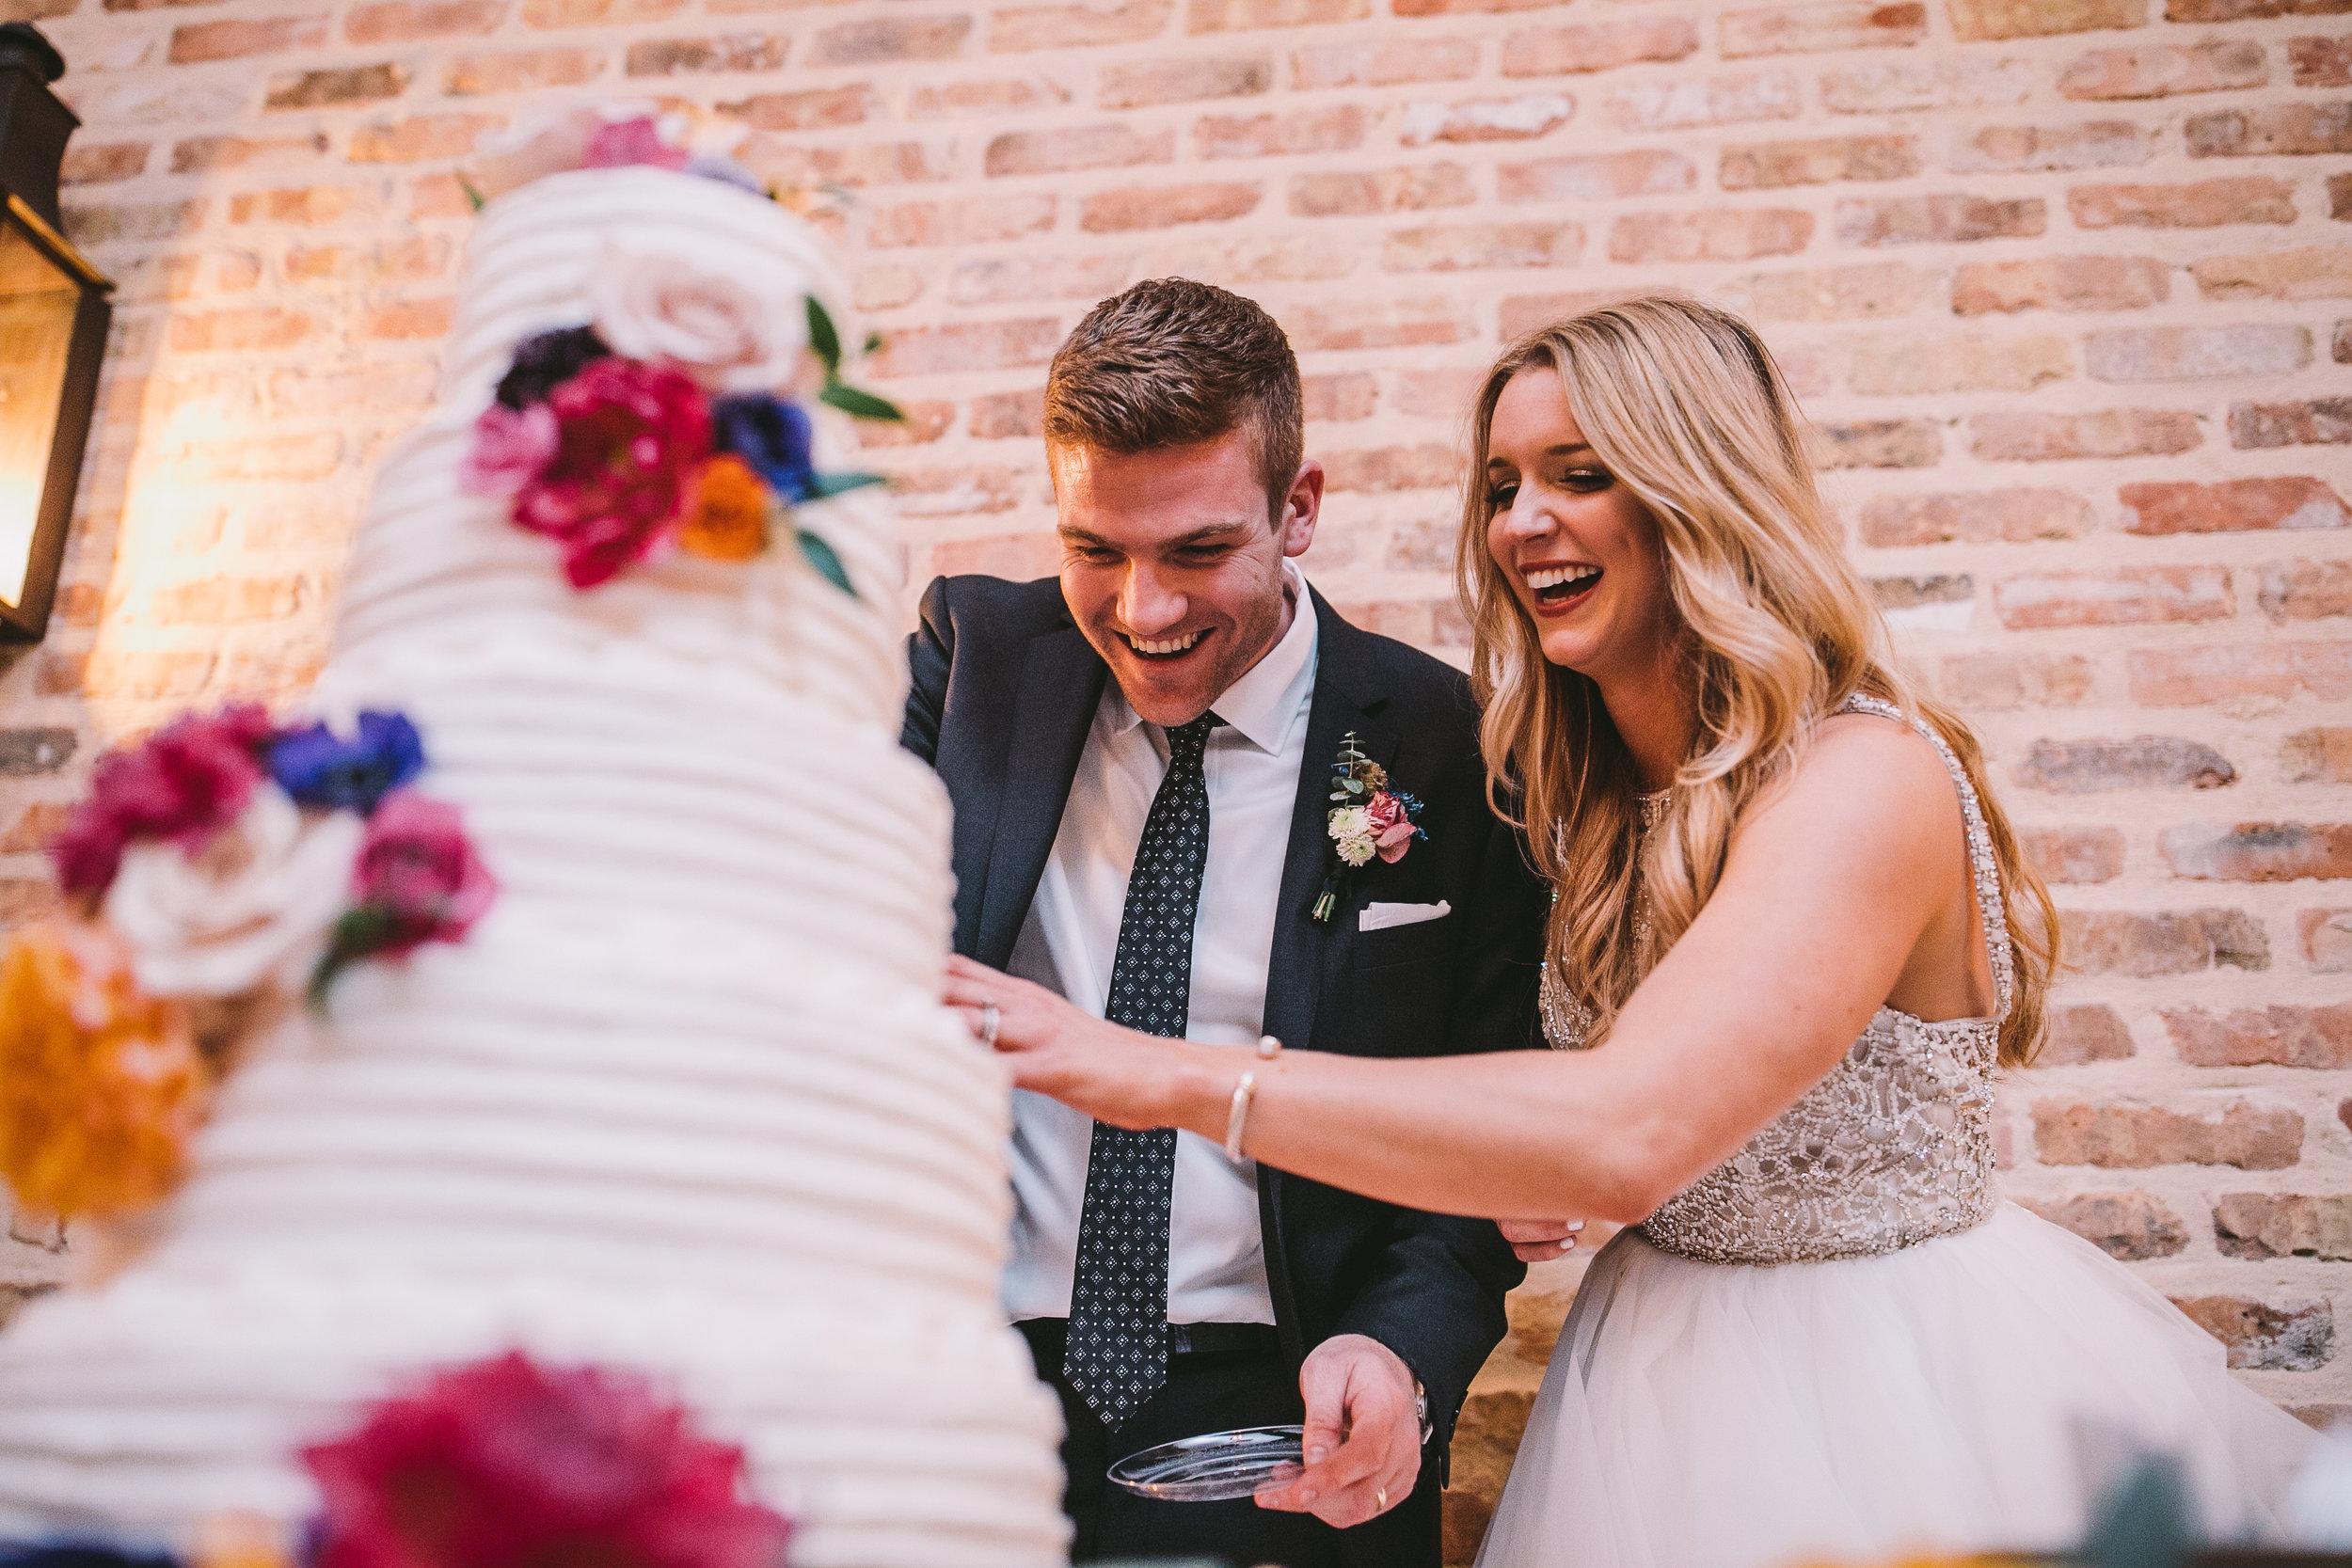 wedding-cake-mississippi-luxury-wedding